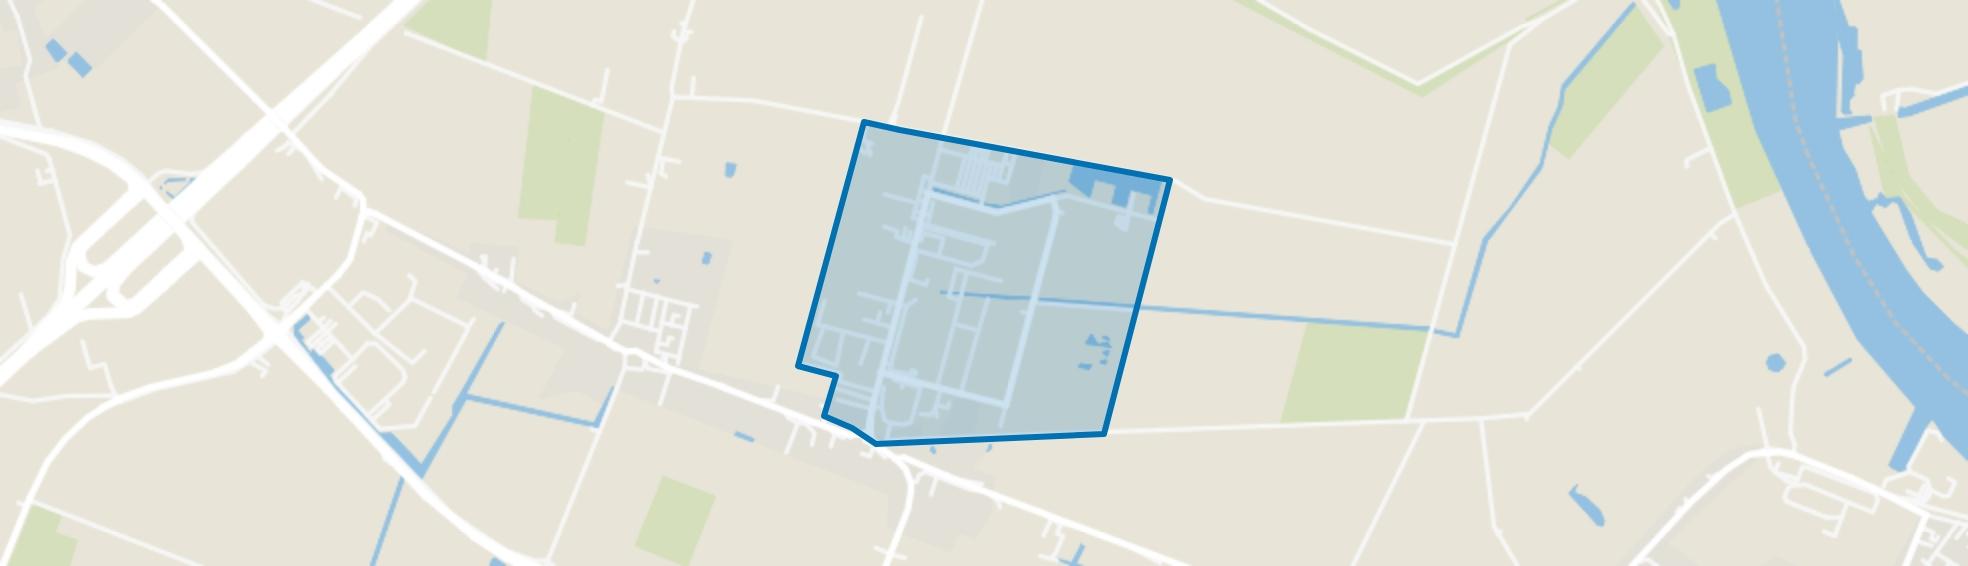 Heinenoord Bedrijvenpark Hoeksche Waard, Heinenoord map